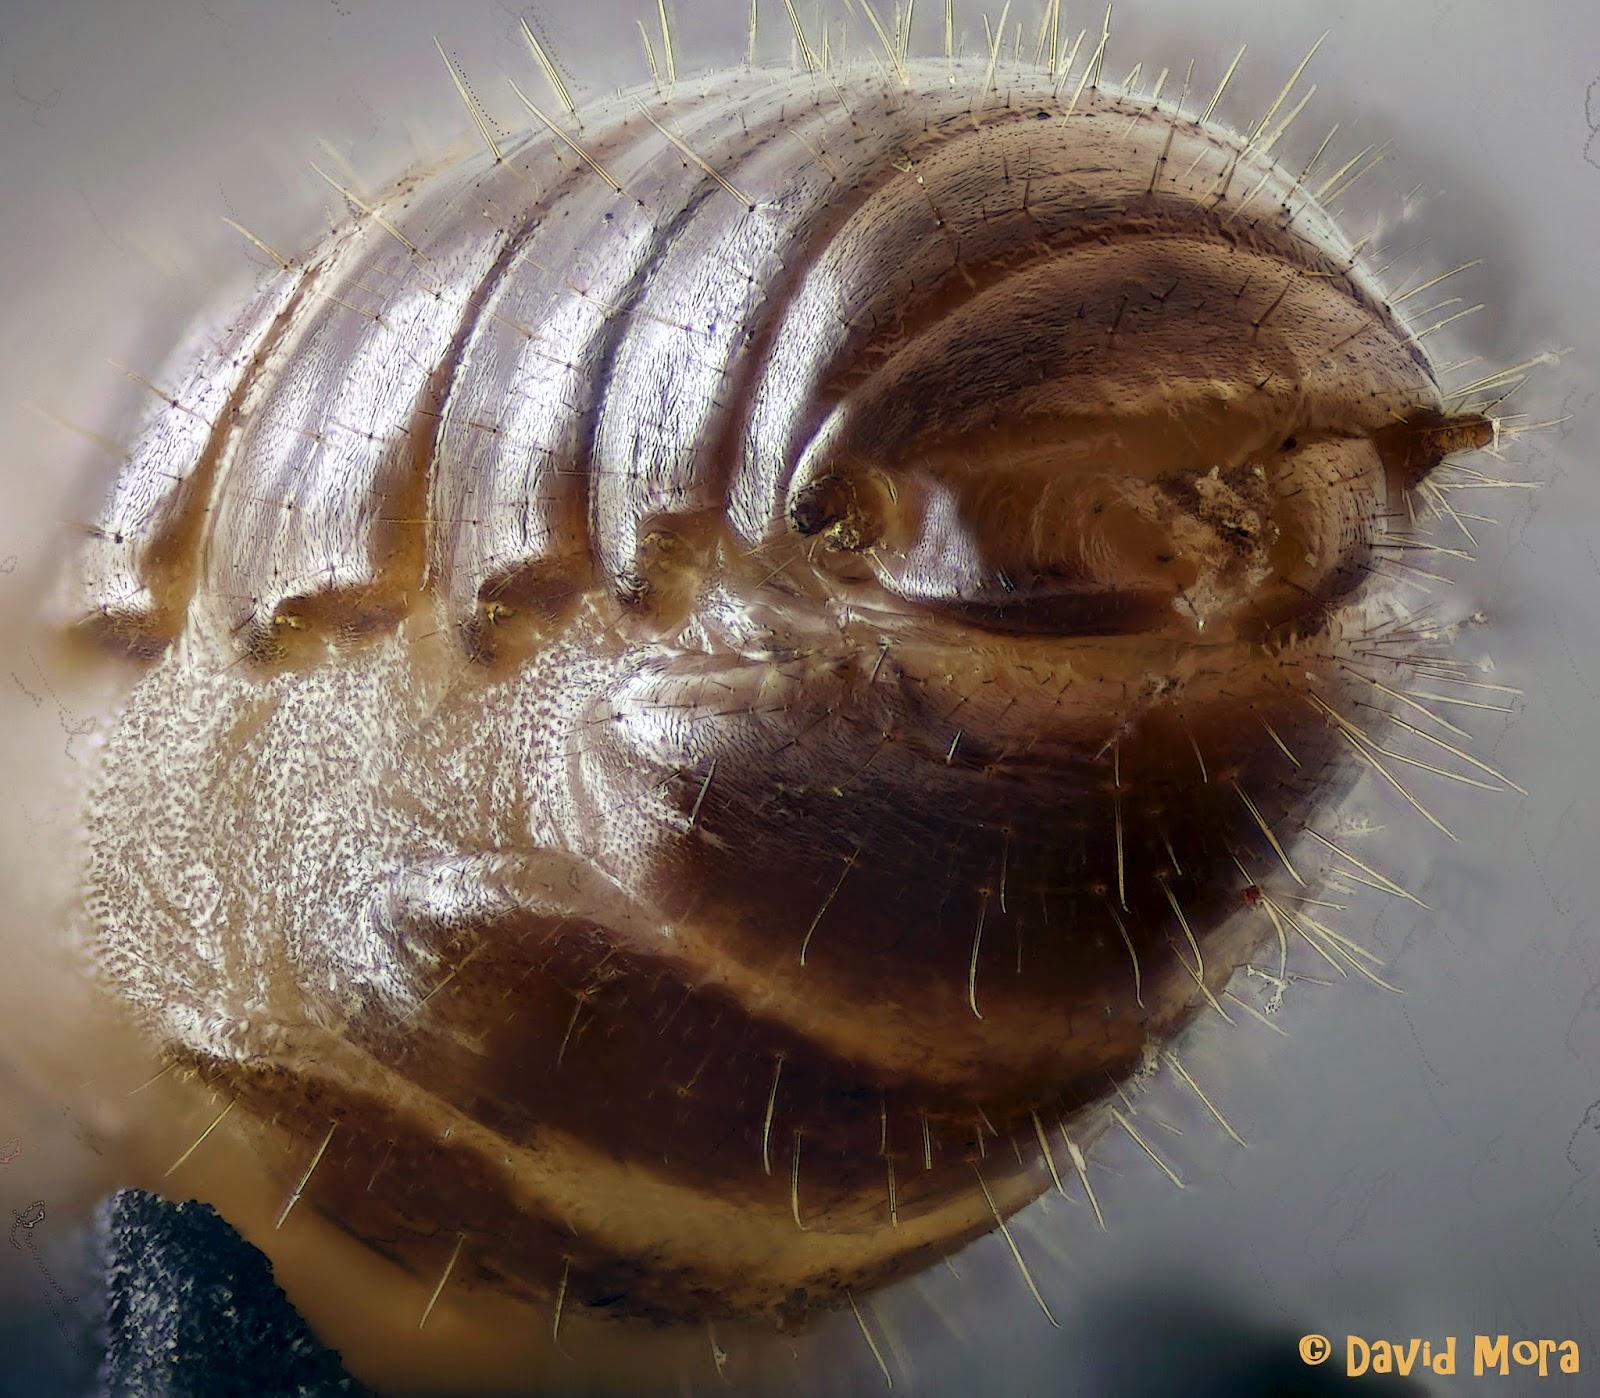 Control De Plagas En Sanidad Ambiental Las Termitas El Enemigo Invisible